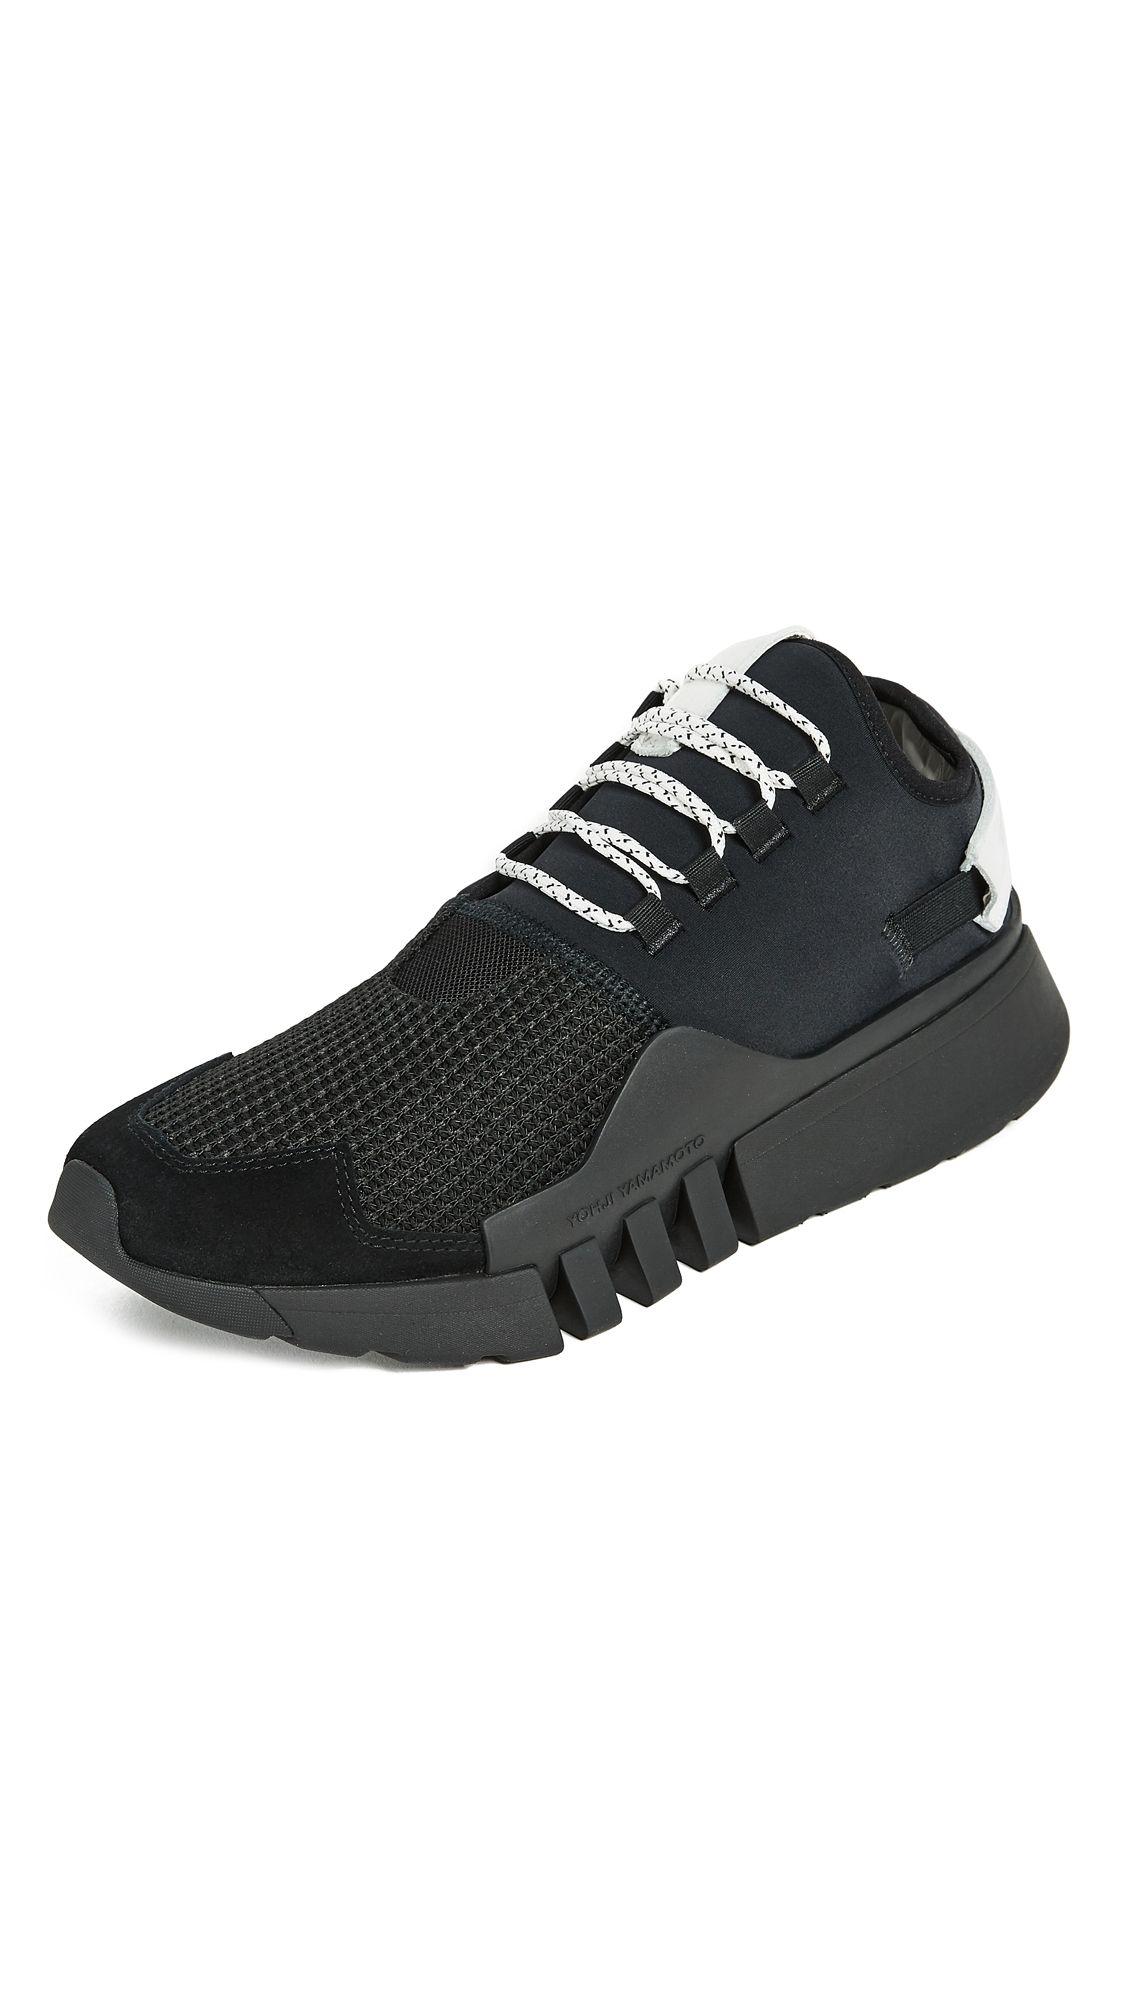 344653b300bff Y-3 AYERO SNEAKERS.  y-3  shoes